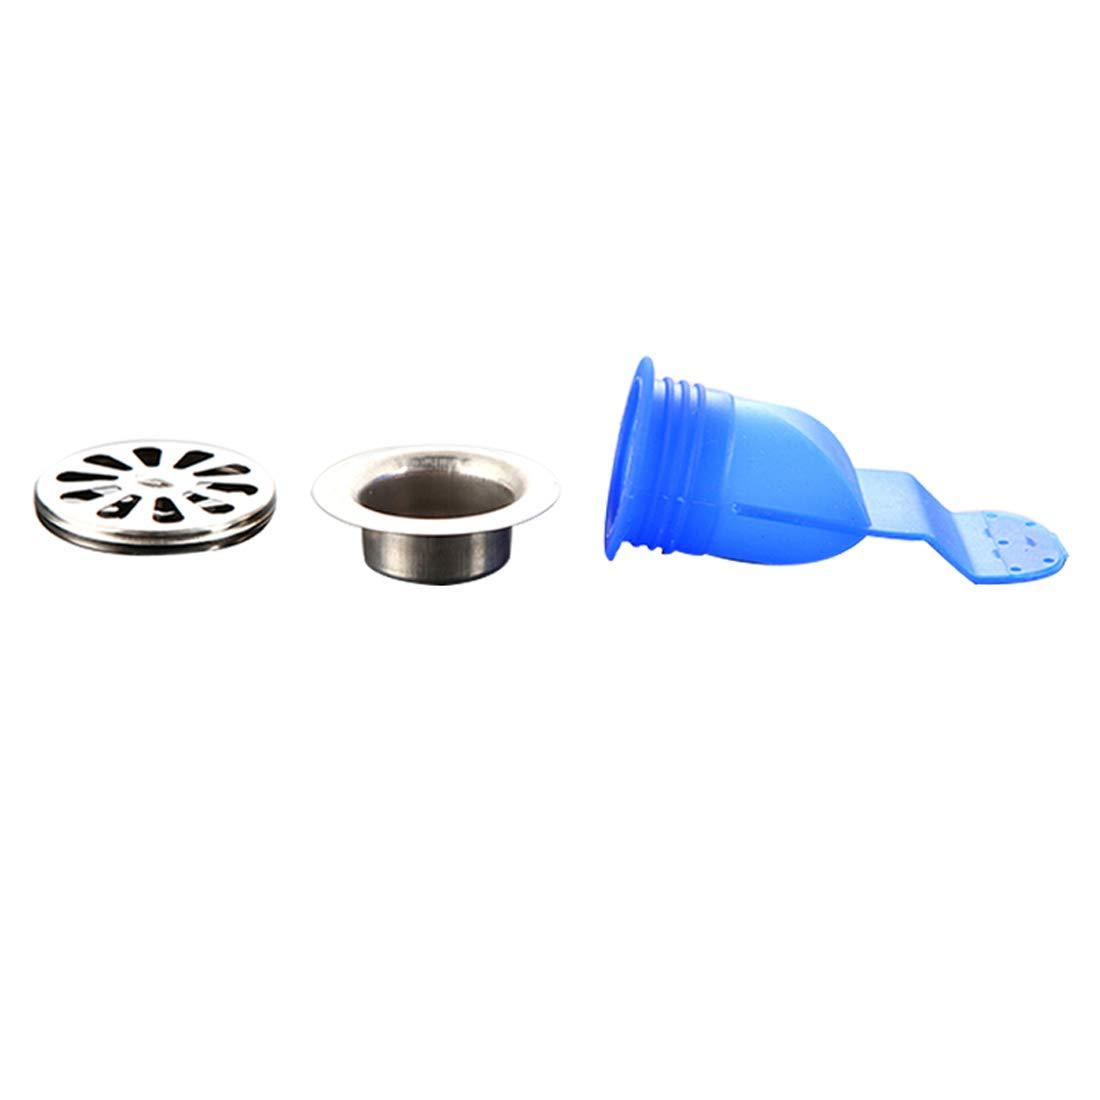 Godagoda antiolores y Insectos V/álvula de desag/üe para tuber/ías de Inodoro y ba/ños